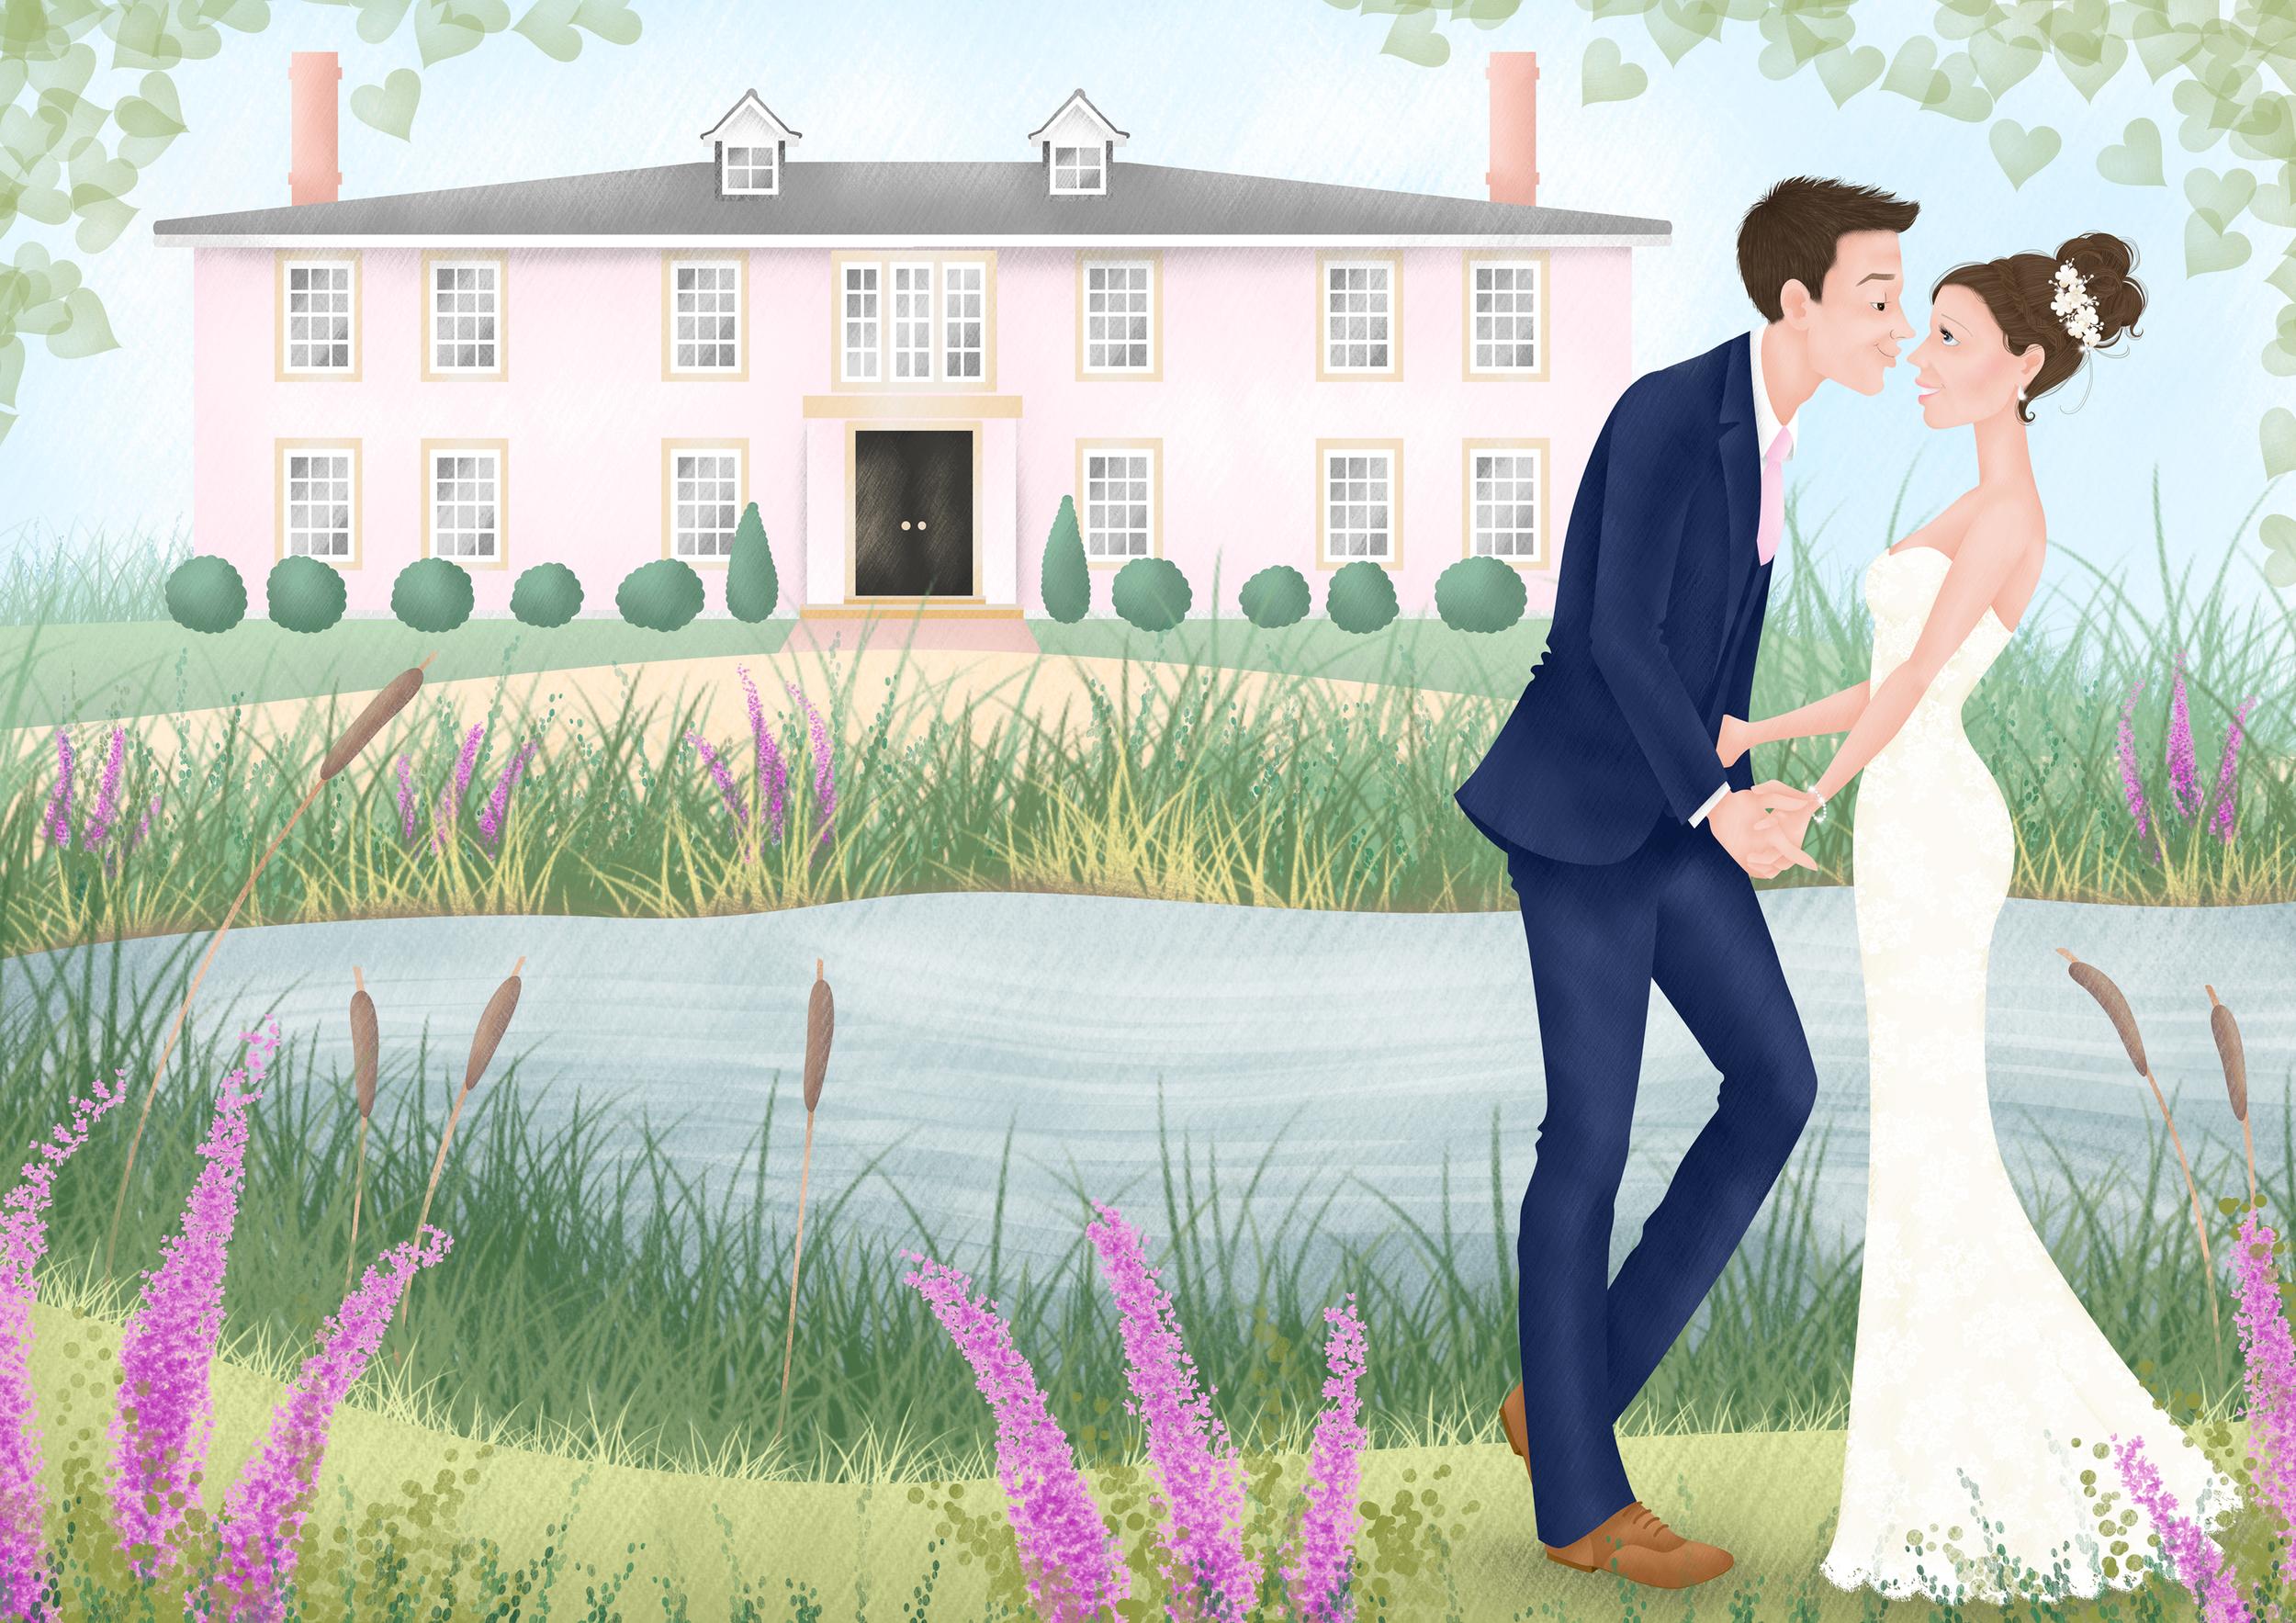 Image courtesy of Hannah Weeks Illustration